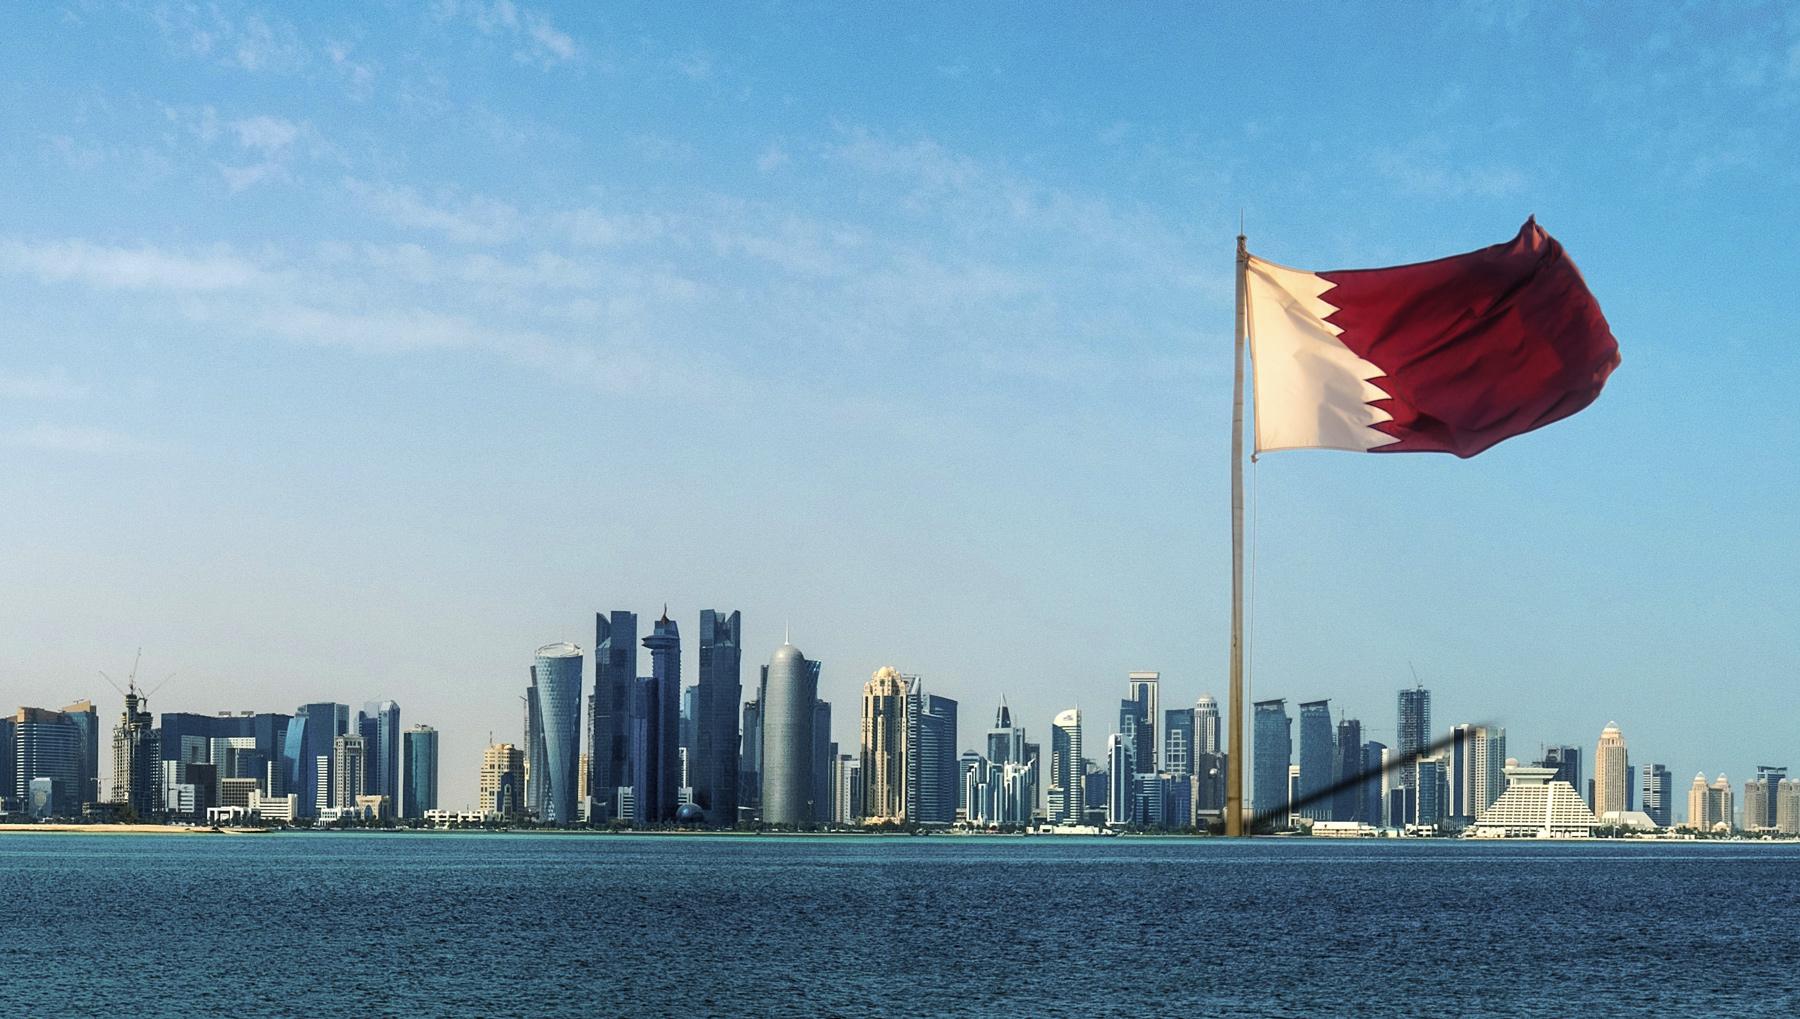 Bildergebnis für Katar trotzt der Saudi-Blockade mit neuem Selbstbewusstsein